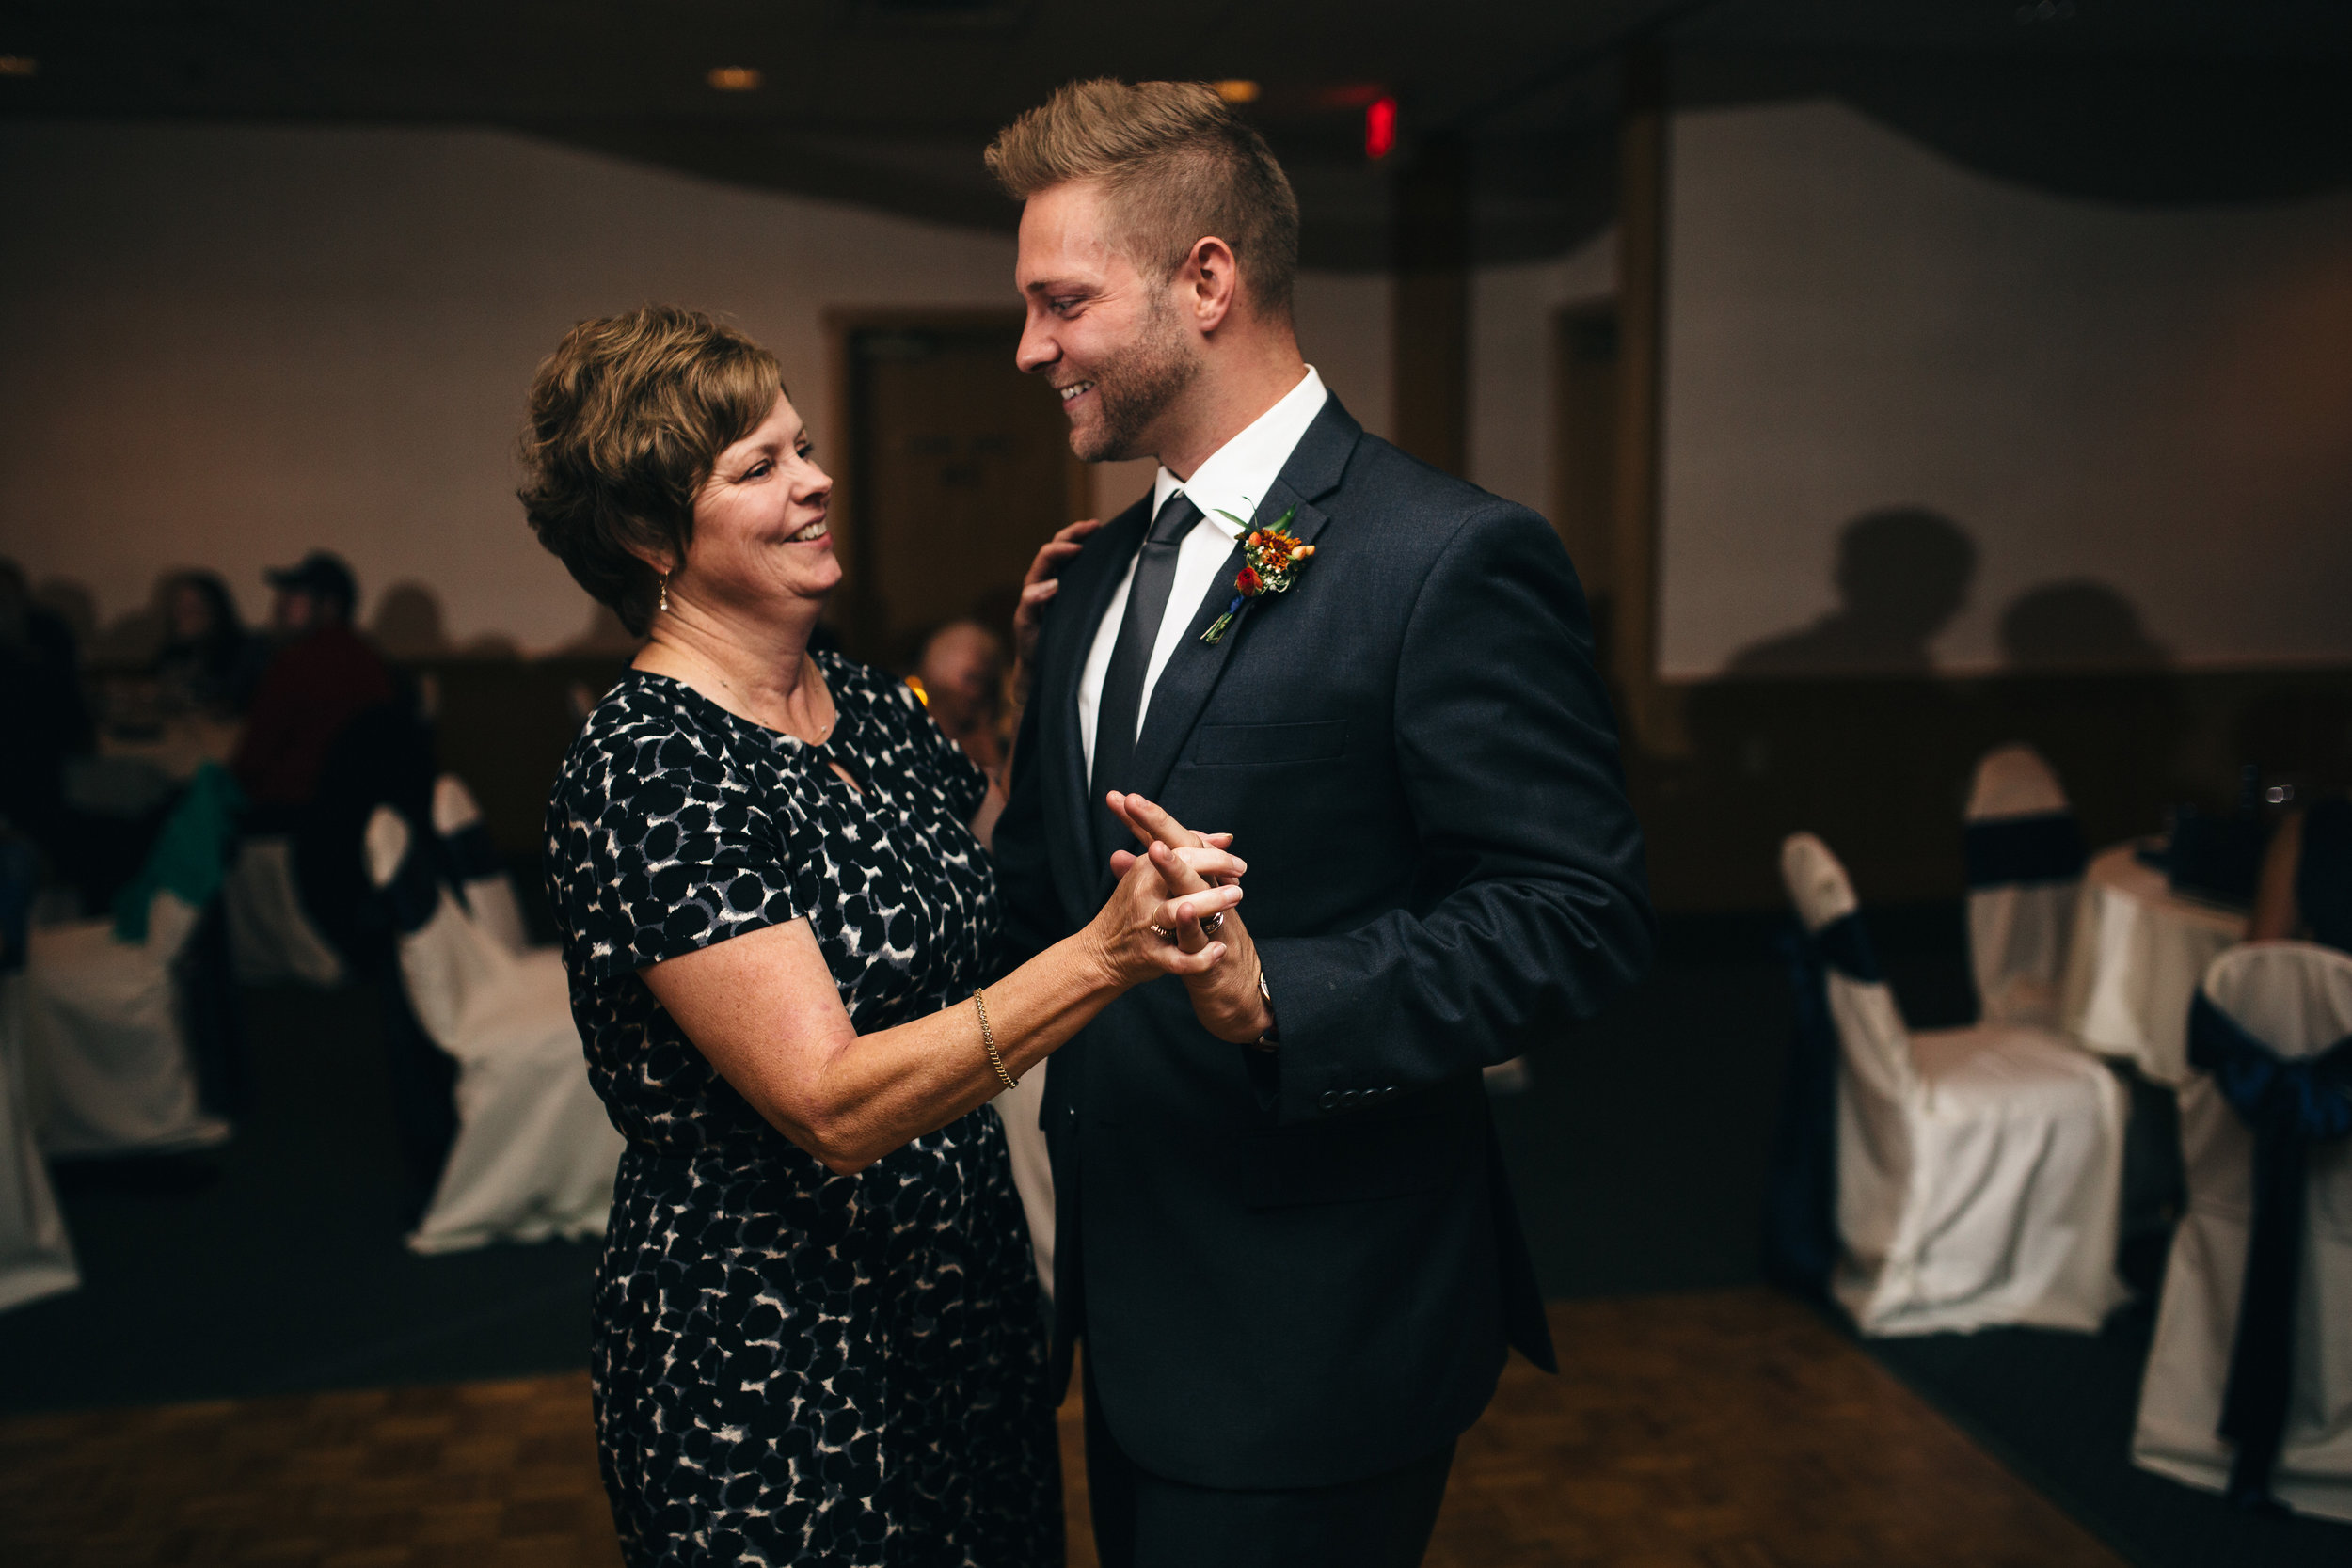 Wedding Reception at Stone Ridge Golf Club in Bowling Green, Ohio.